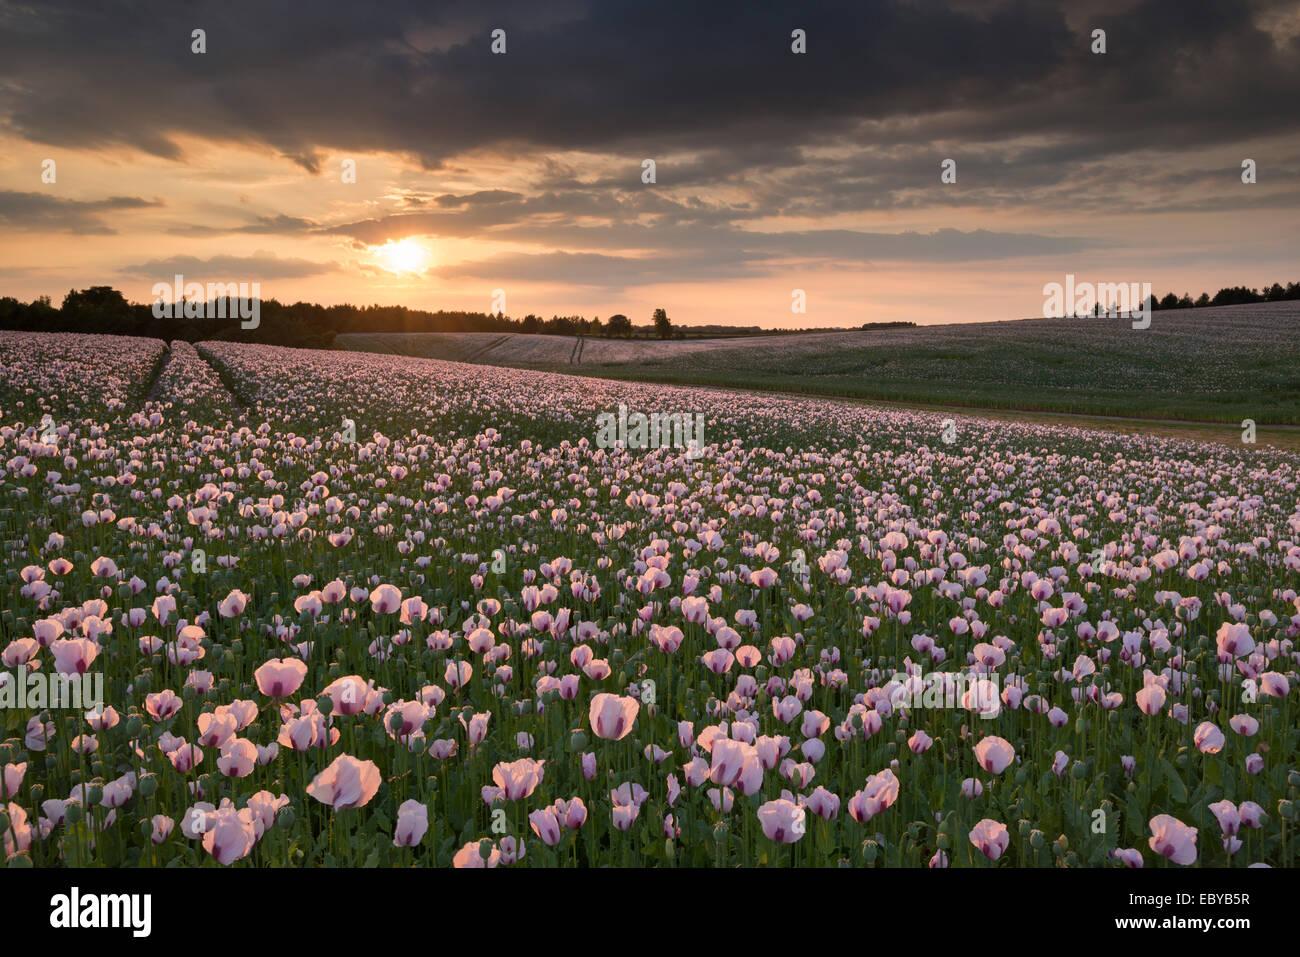 Opium bei Sonnenuntergang, Oxfordshire, England. Sommer (Juni) 2014. Stockbild